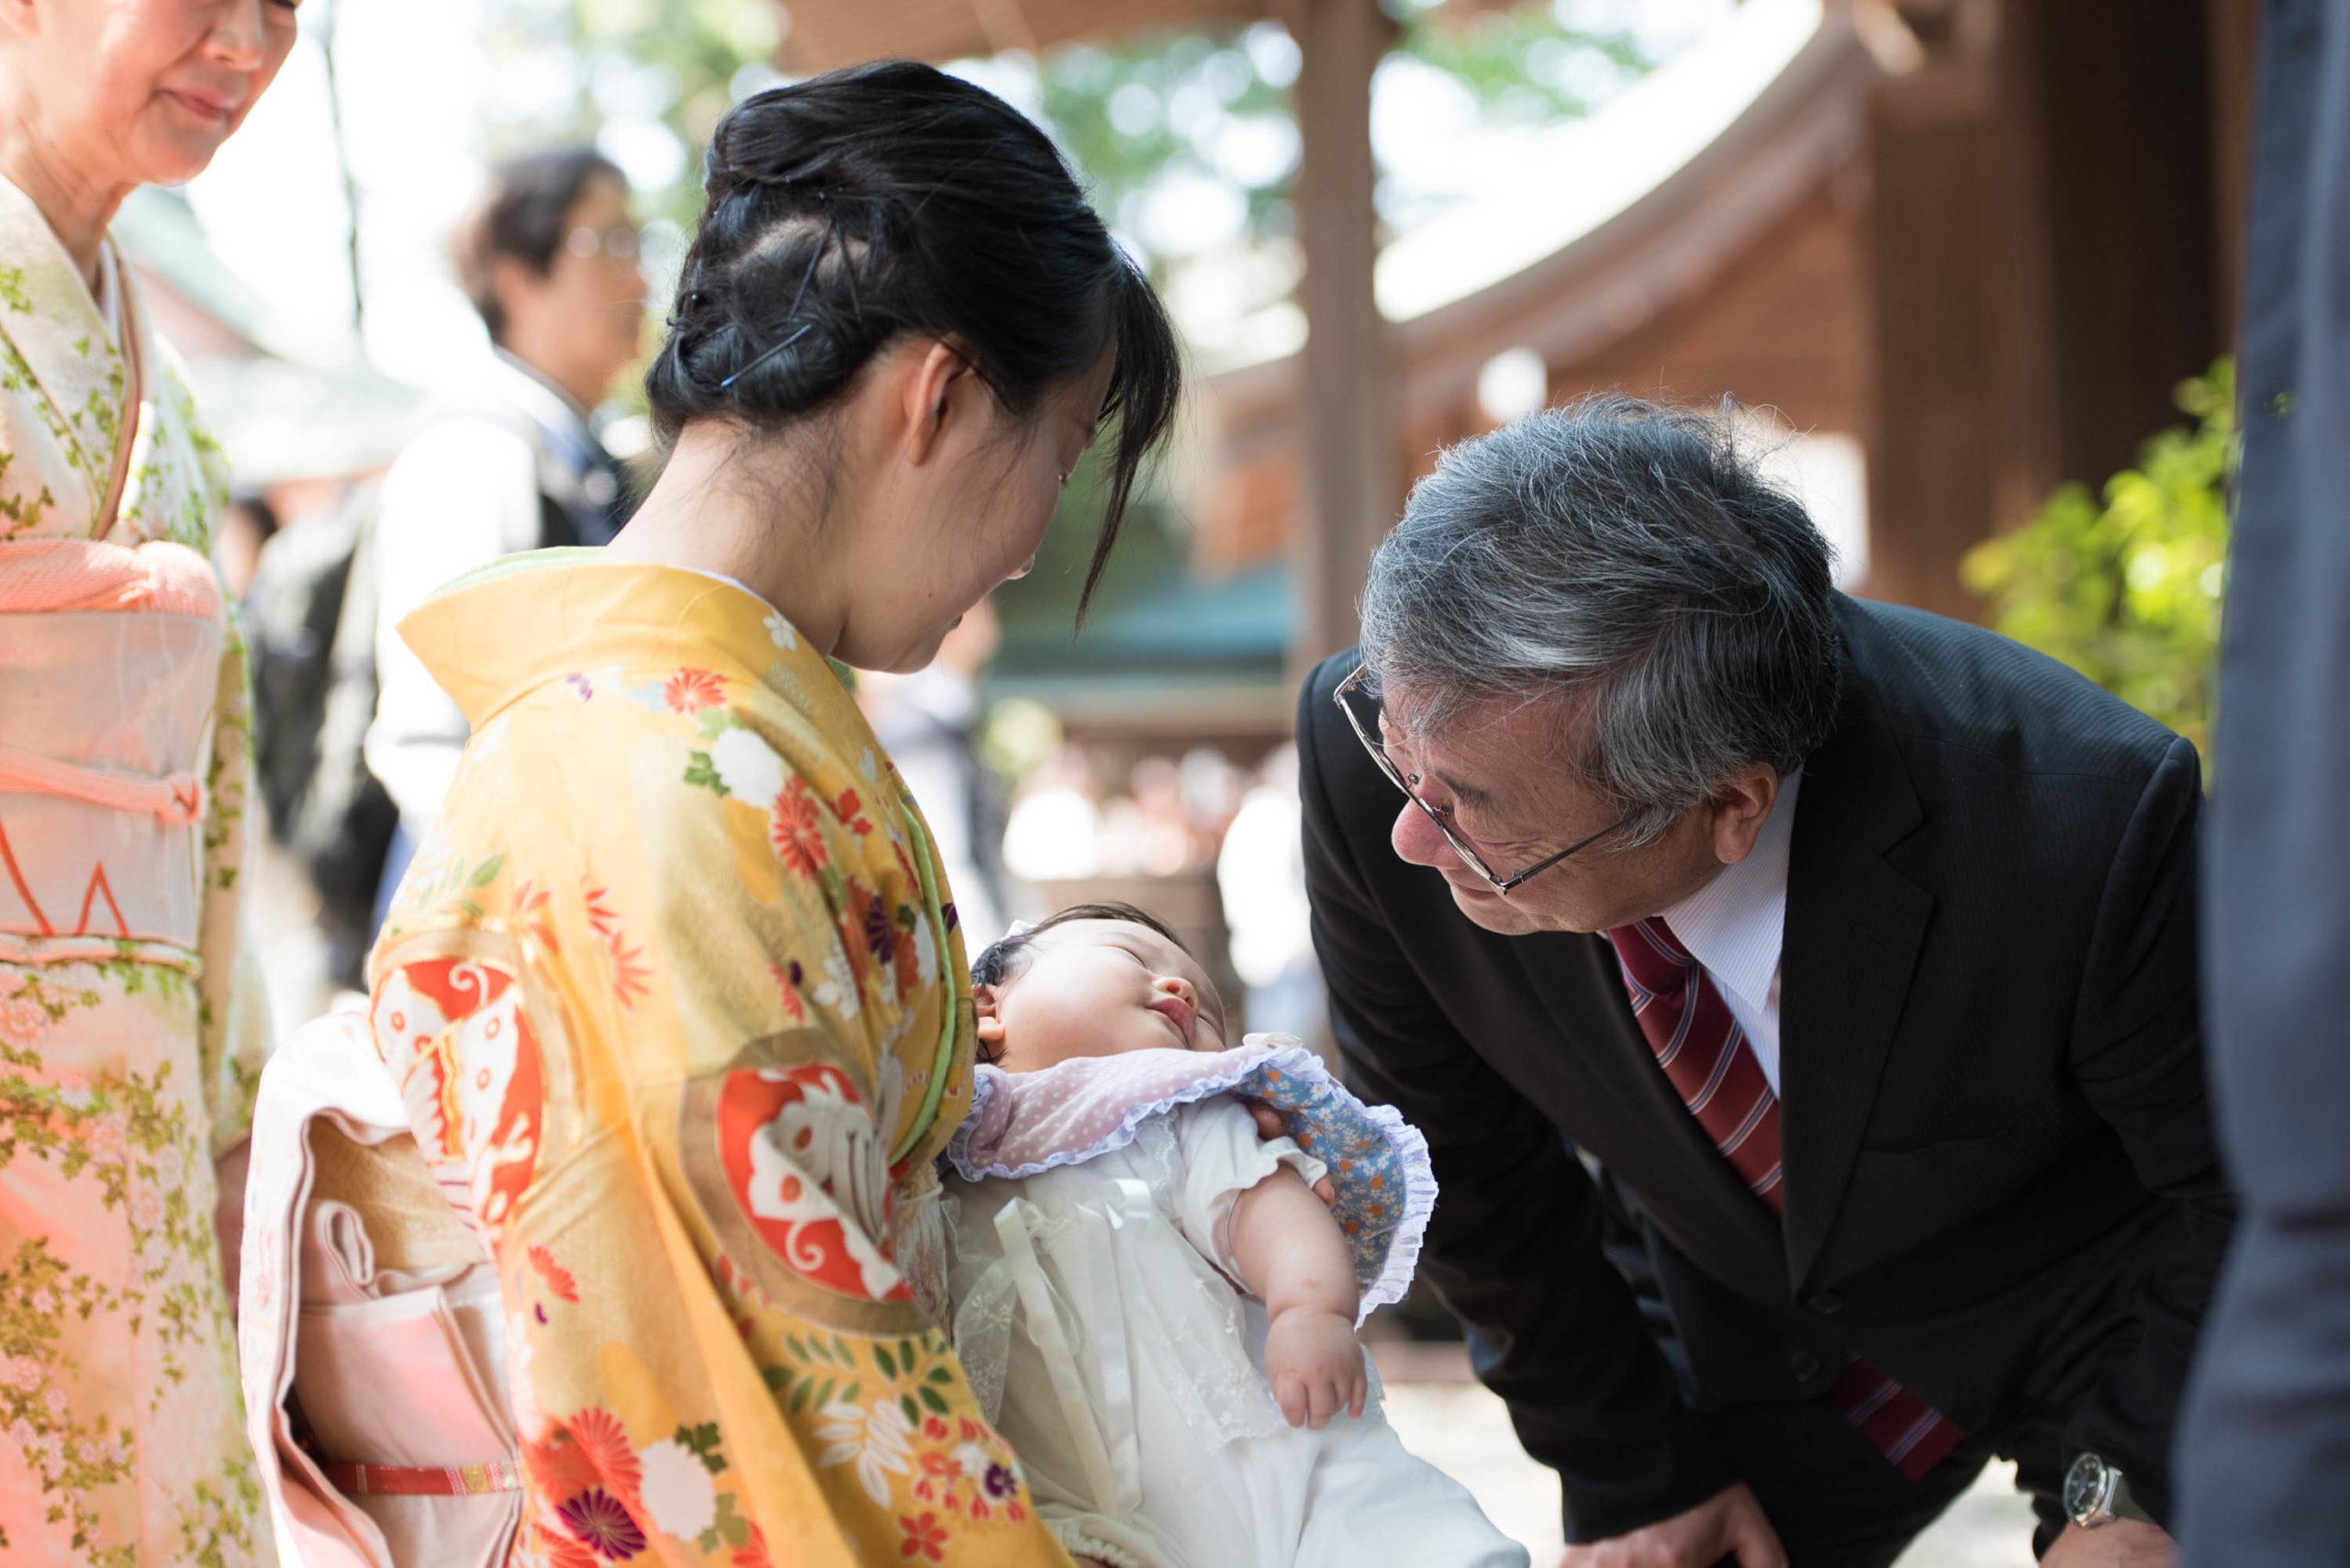 黄色の着物を着て赤ちゃんを抱く女性とそれをのぞき込むスーツ姿の男性